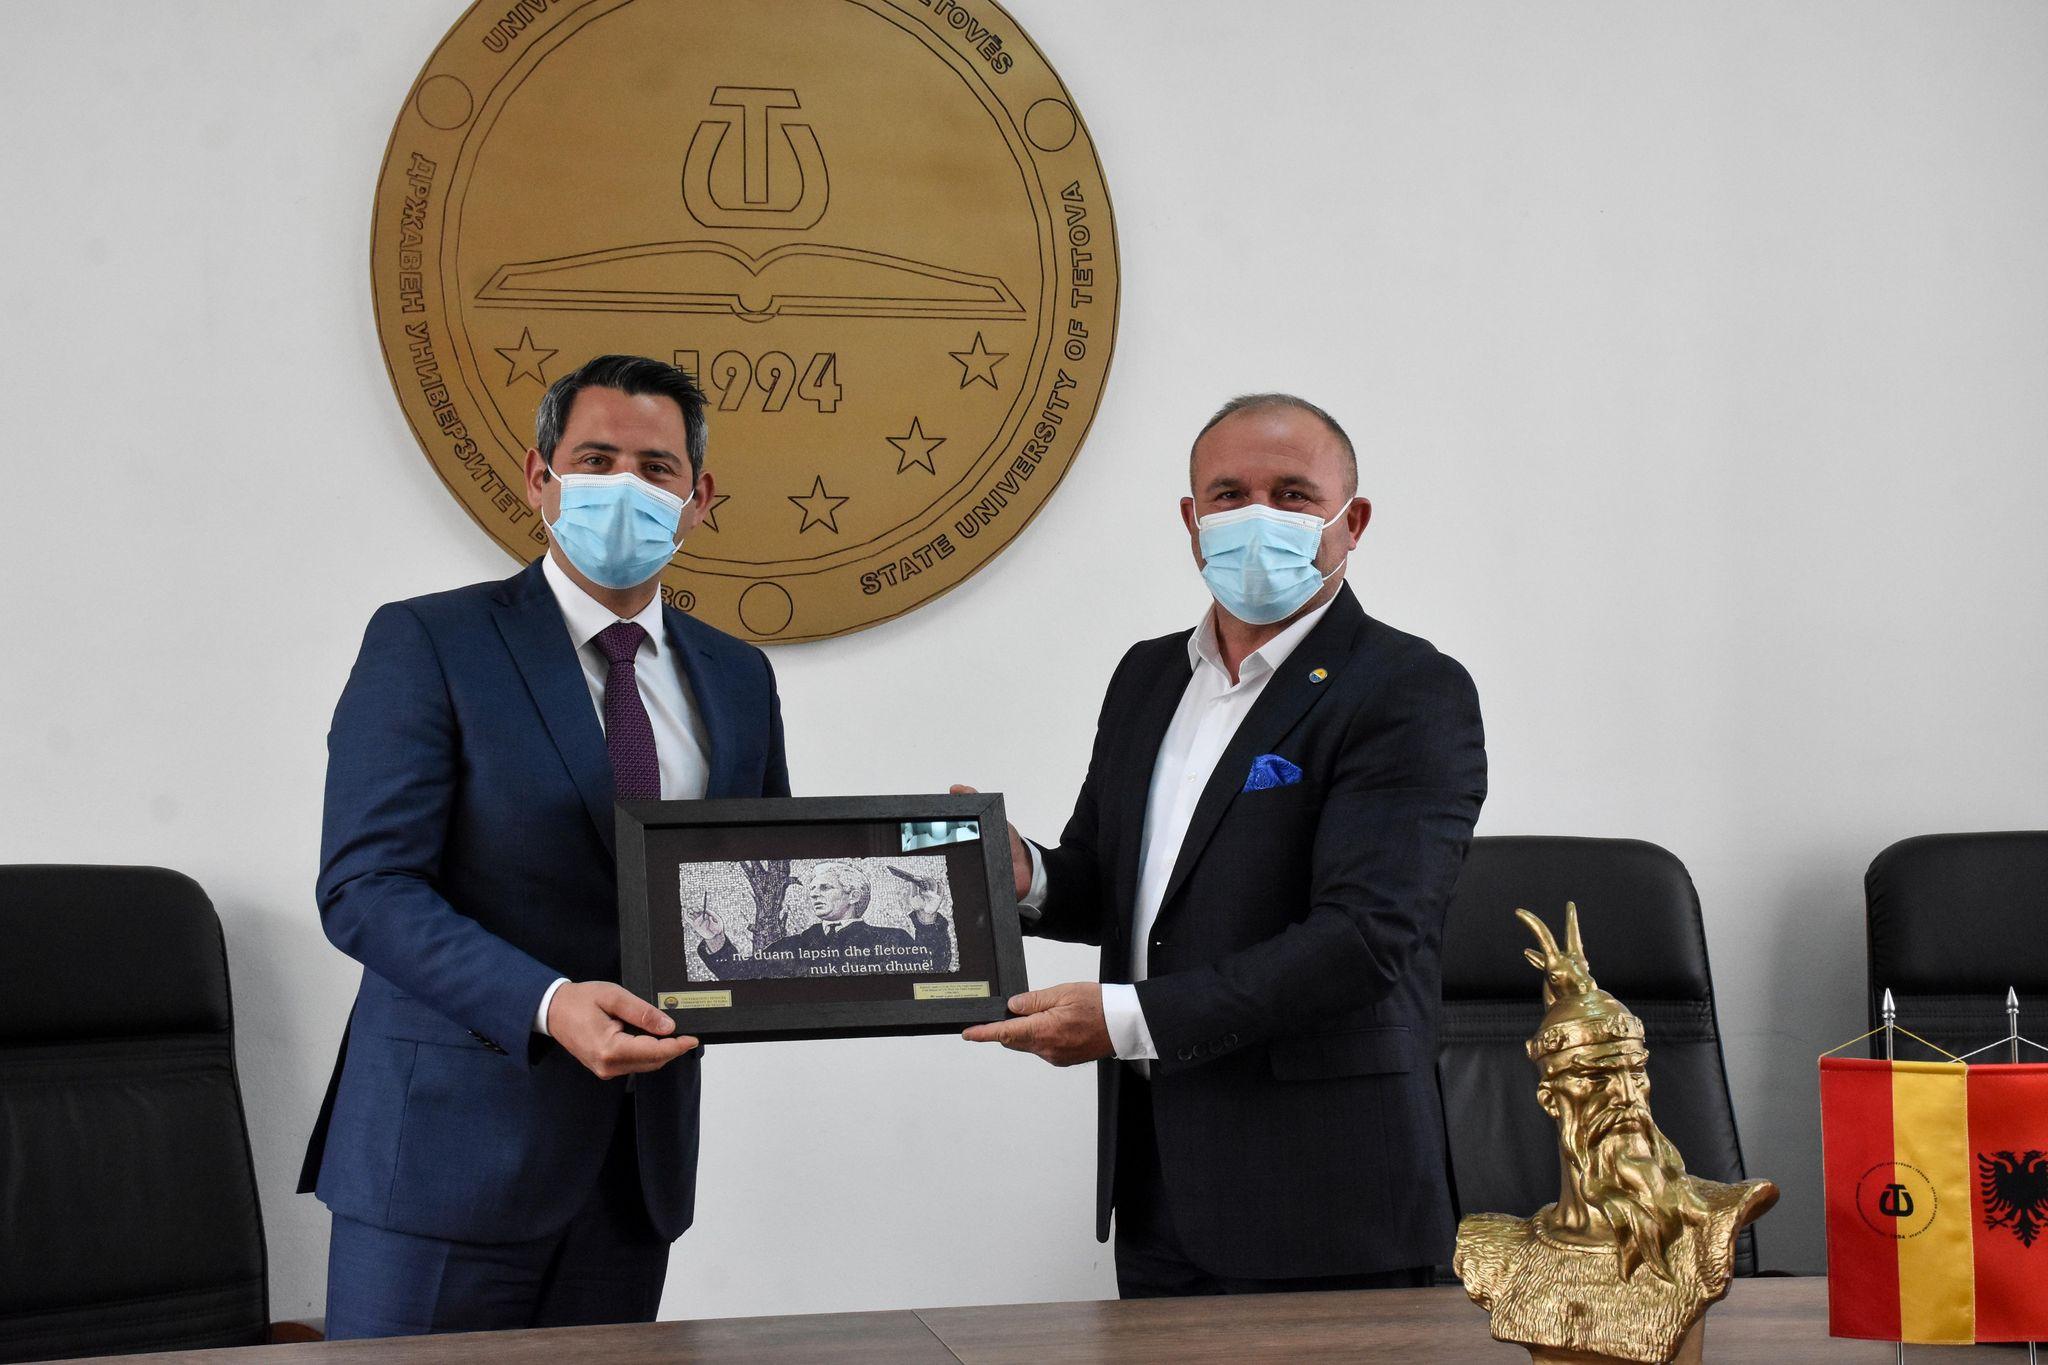 Ministri i mjedisit jetësor dhe planifikimit hapësinor, Naser Nuredini, e vizitoi Universitetin e Tetovës